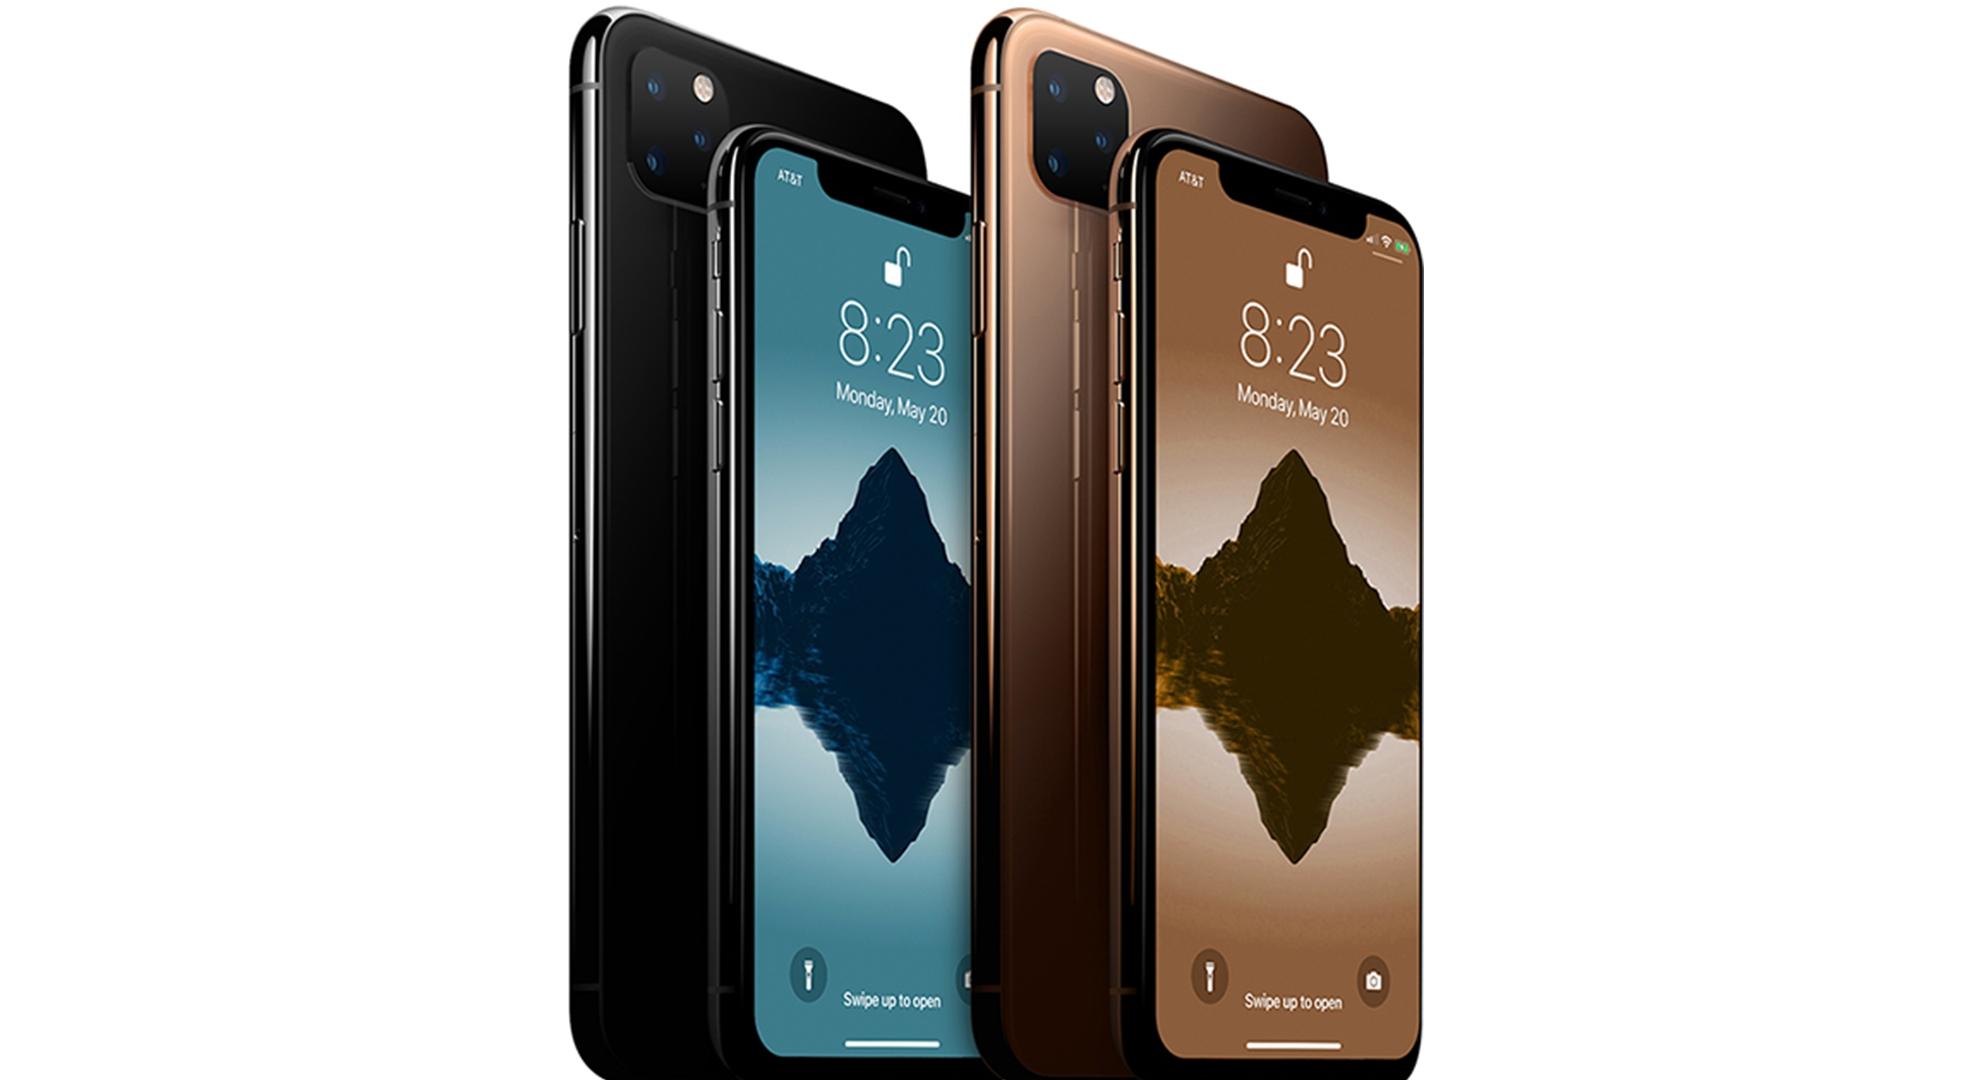 iPhone 2020 údajně nabídne Touch ID, čeká nás také iPhone SE2